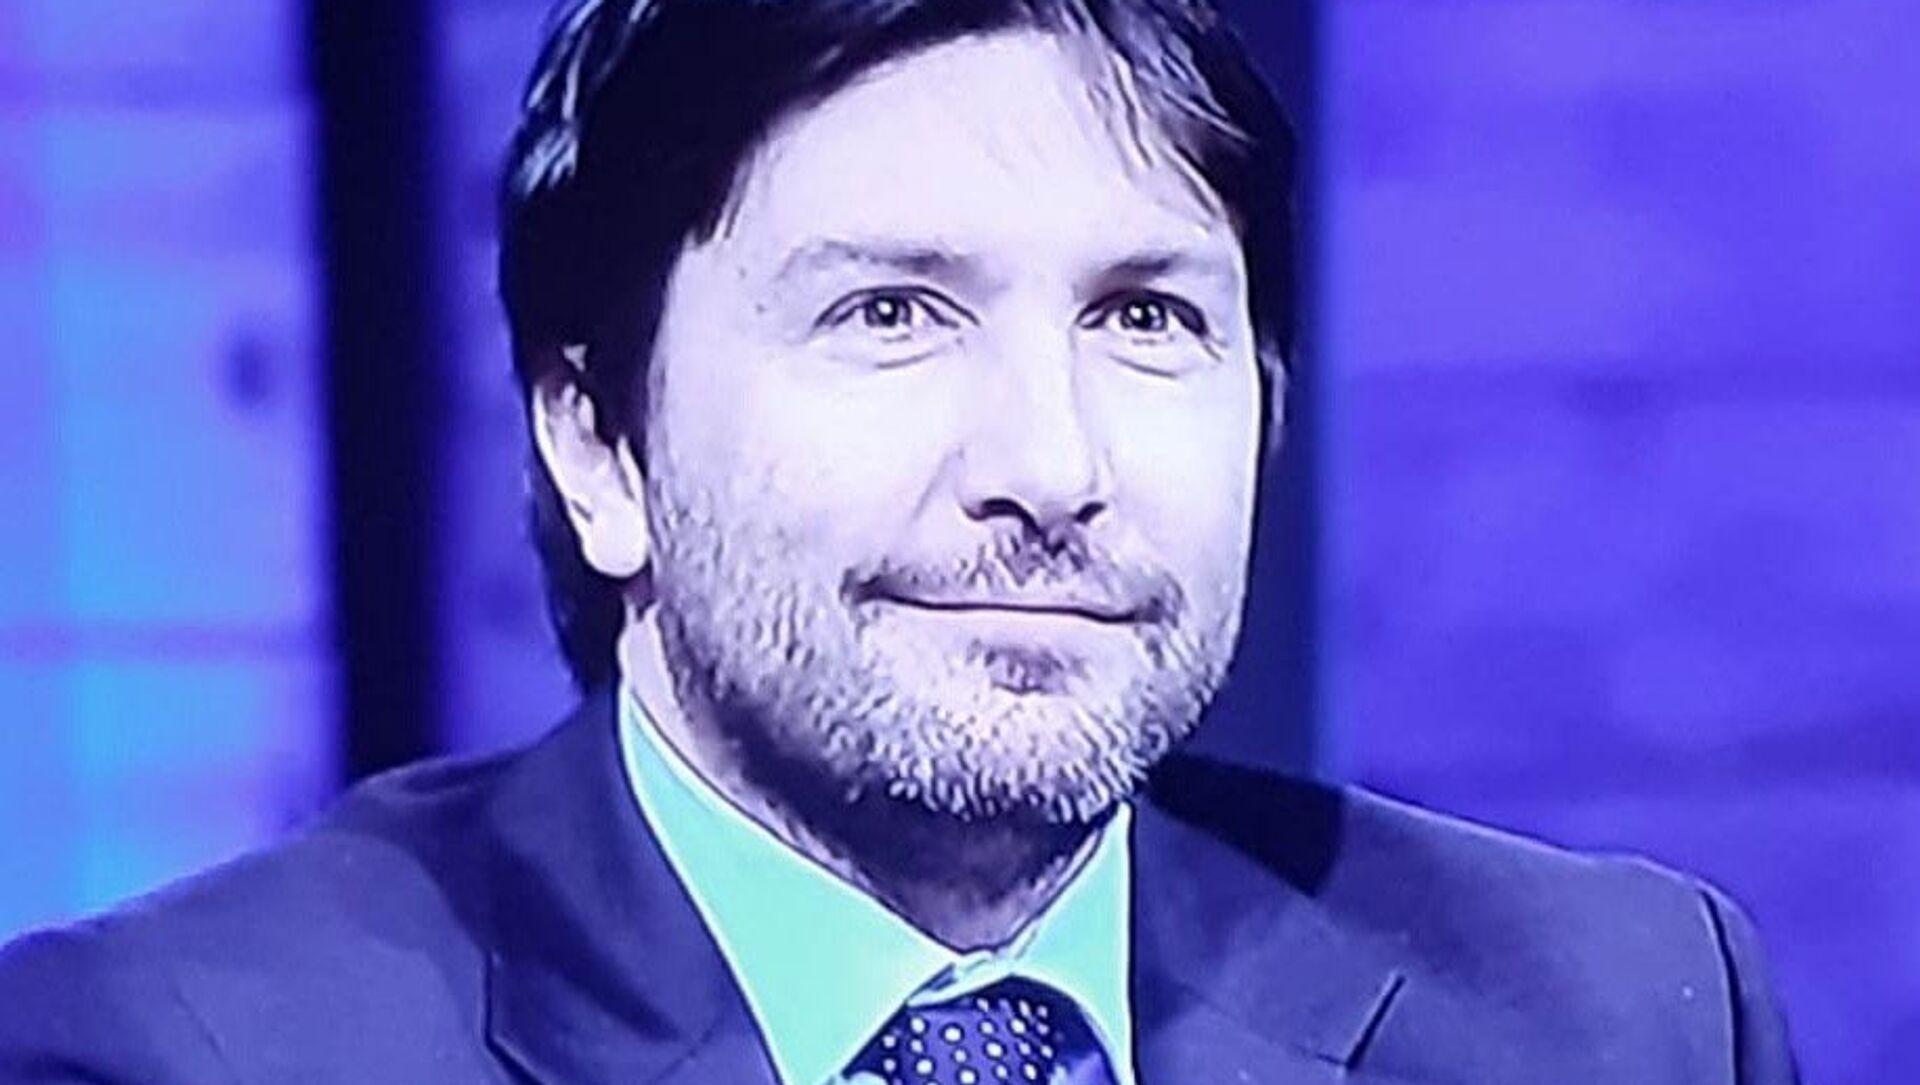 """Maruotti (LUMSA): """"Affidarsi al soloindice Rt è rischioso, in gioco c'è la vita delle persone"""" - Sputnik Italia, 1920, 02.02.2021"""